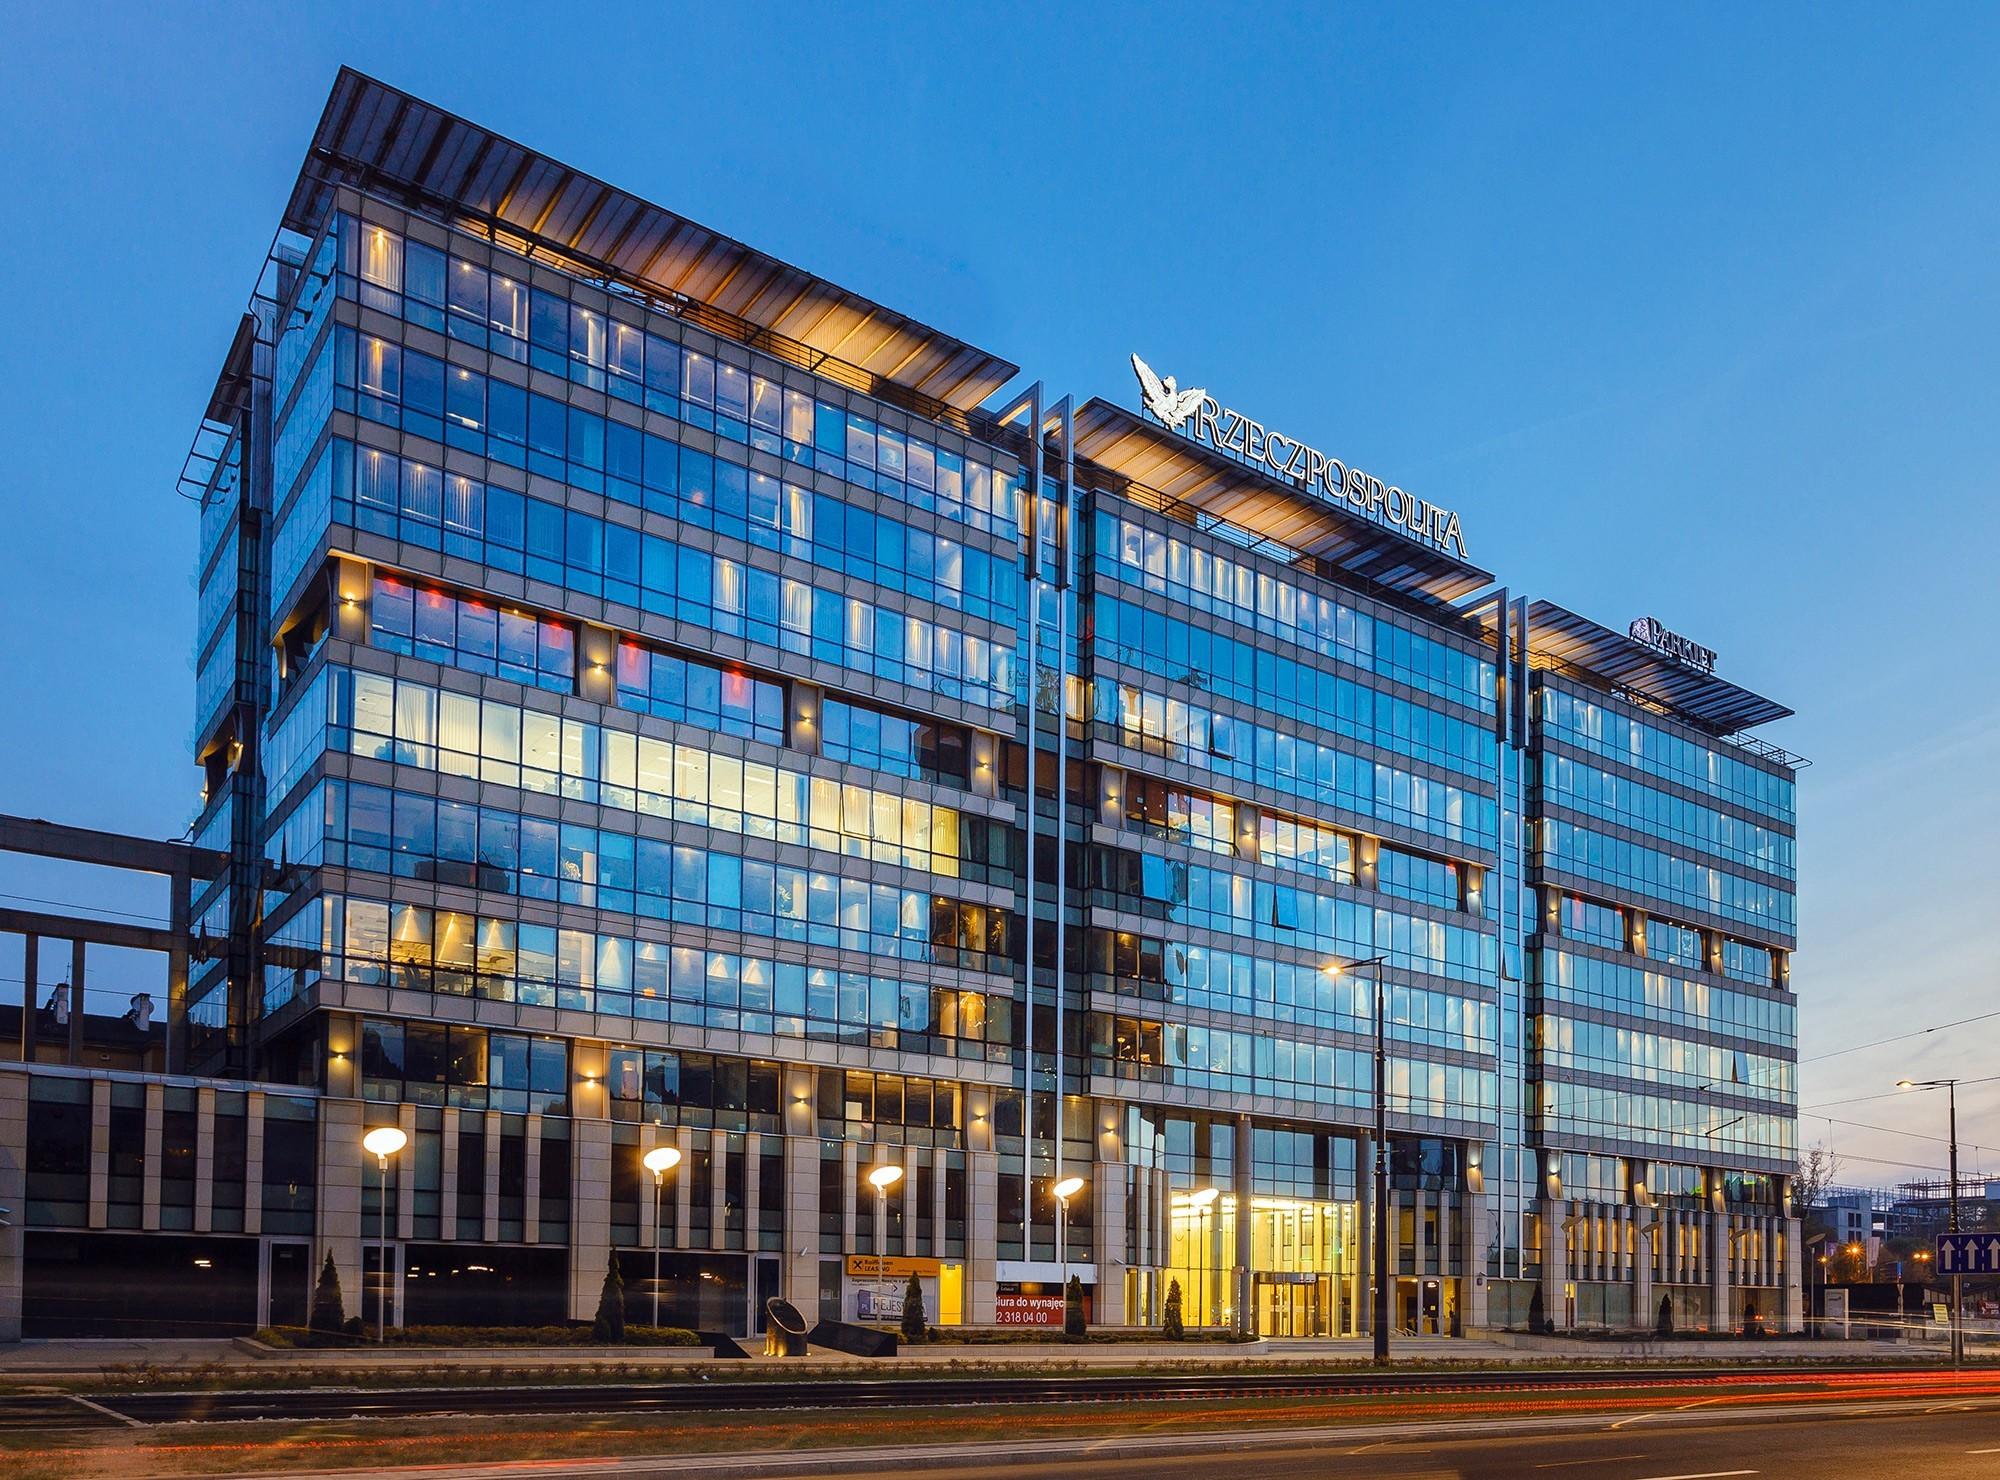 prosta-office-centre-photography-by-savills